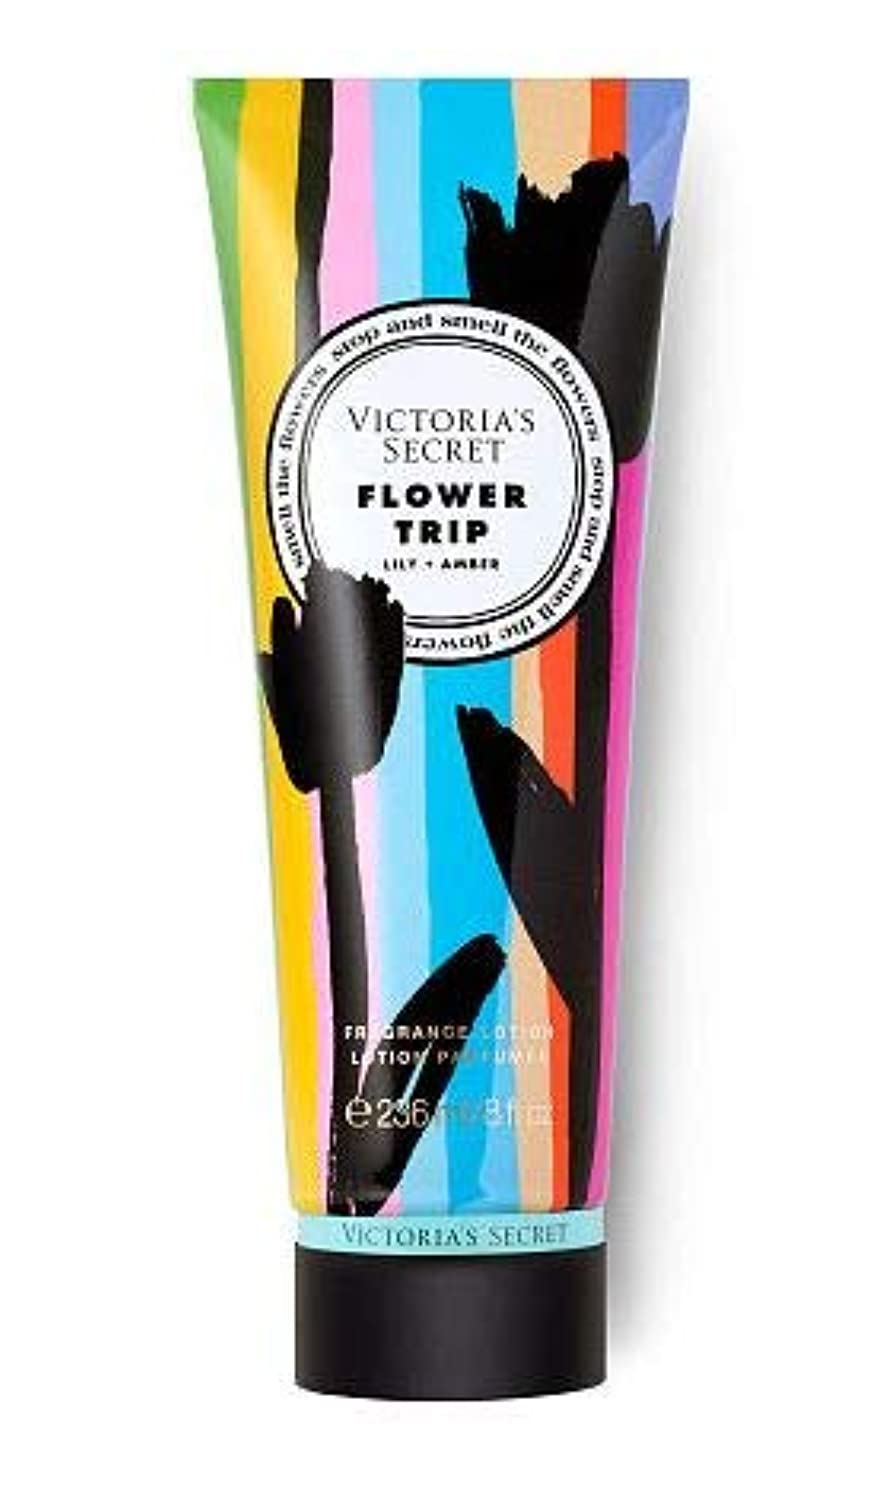 トン眠っている許さないVICTORIA'S SECRET Flower Shop Fragrance Lotion Flower Trip